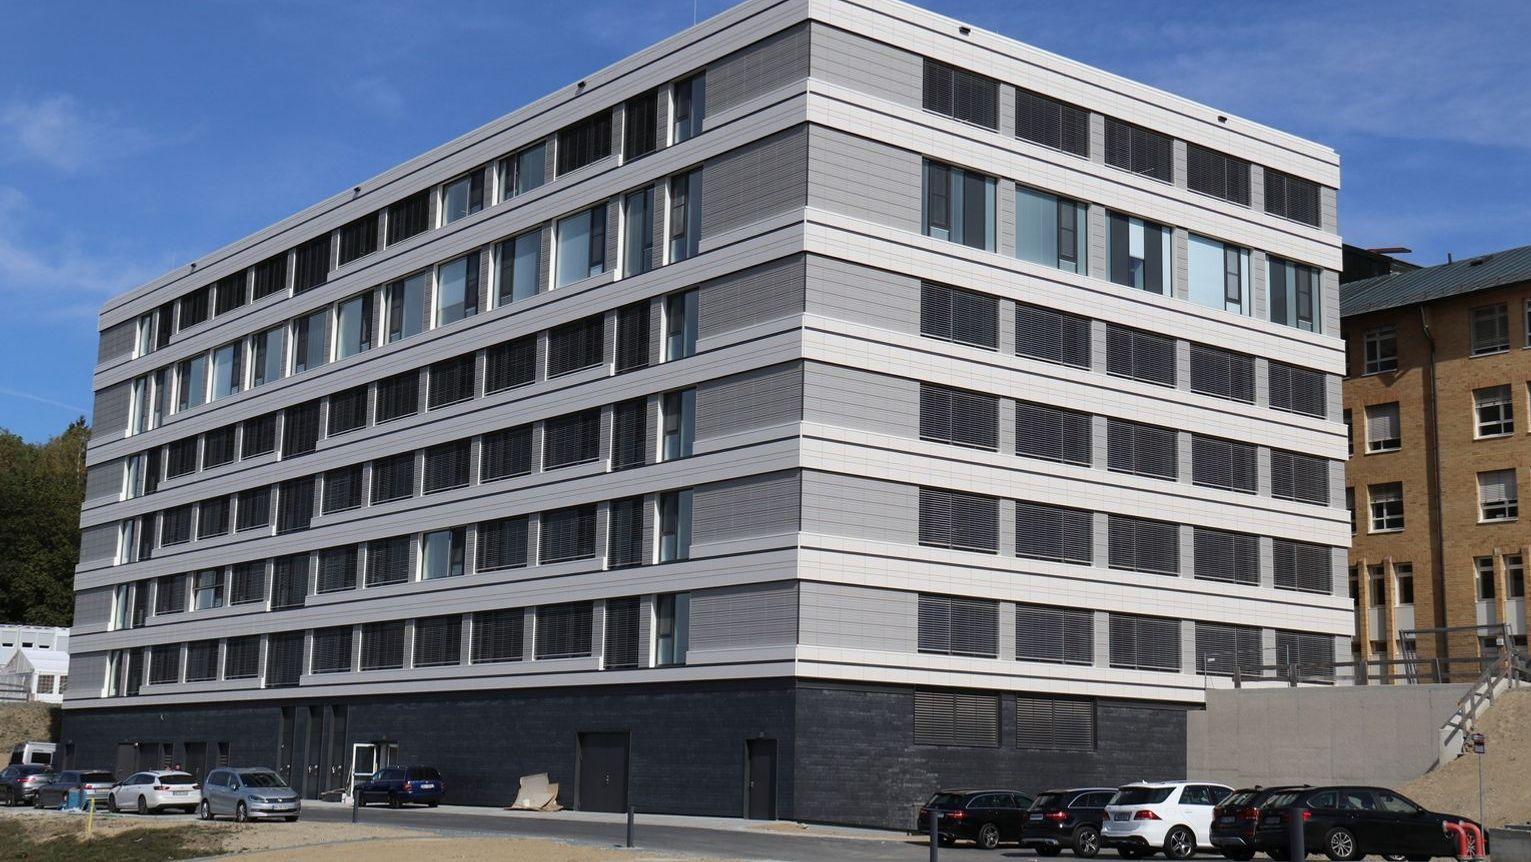 Das Klinikum Naila bekommt für 37 Millionen Euro ein neues Bettenhaus